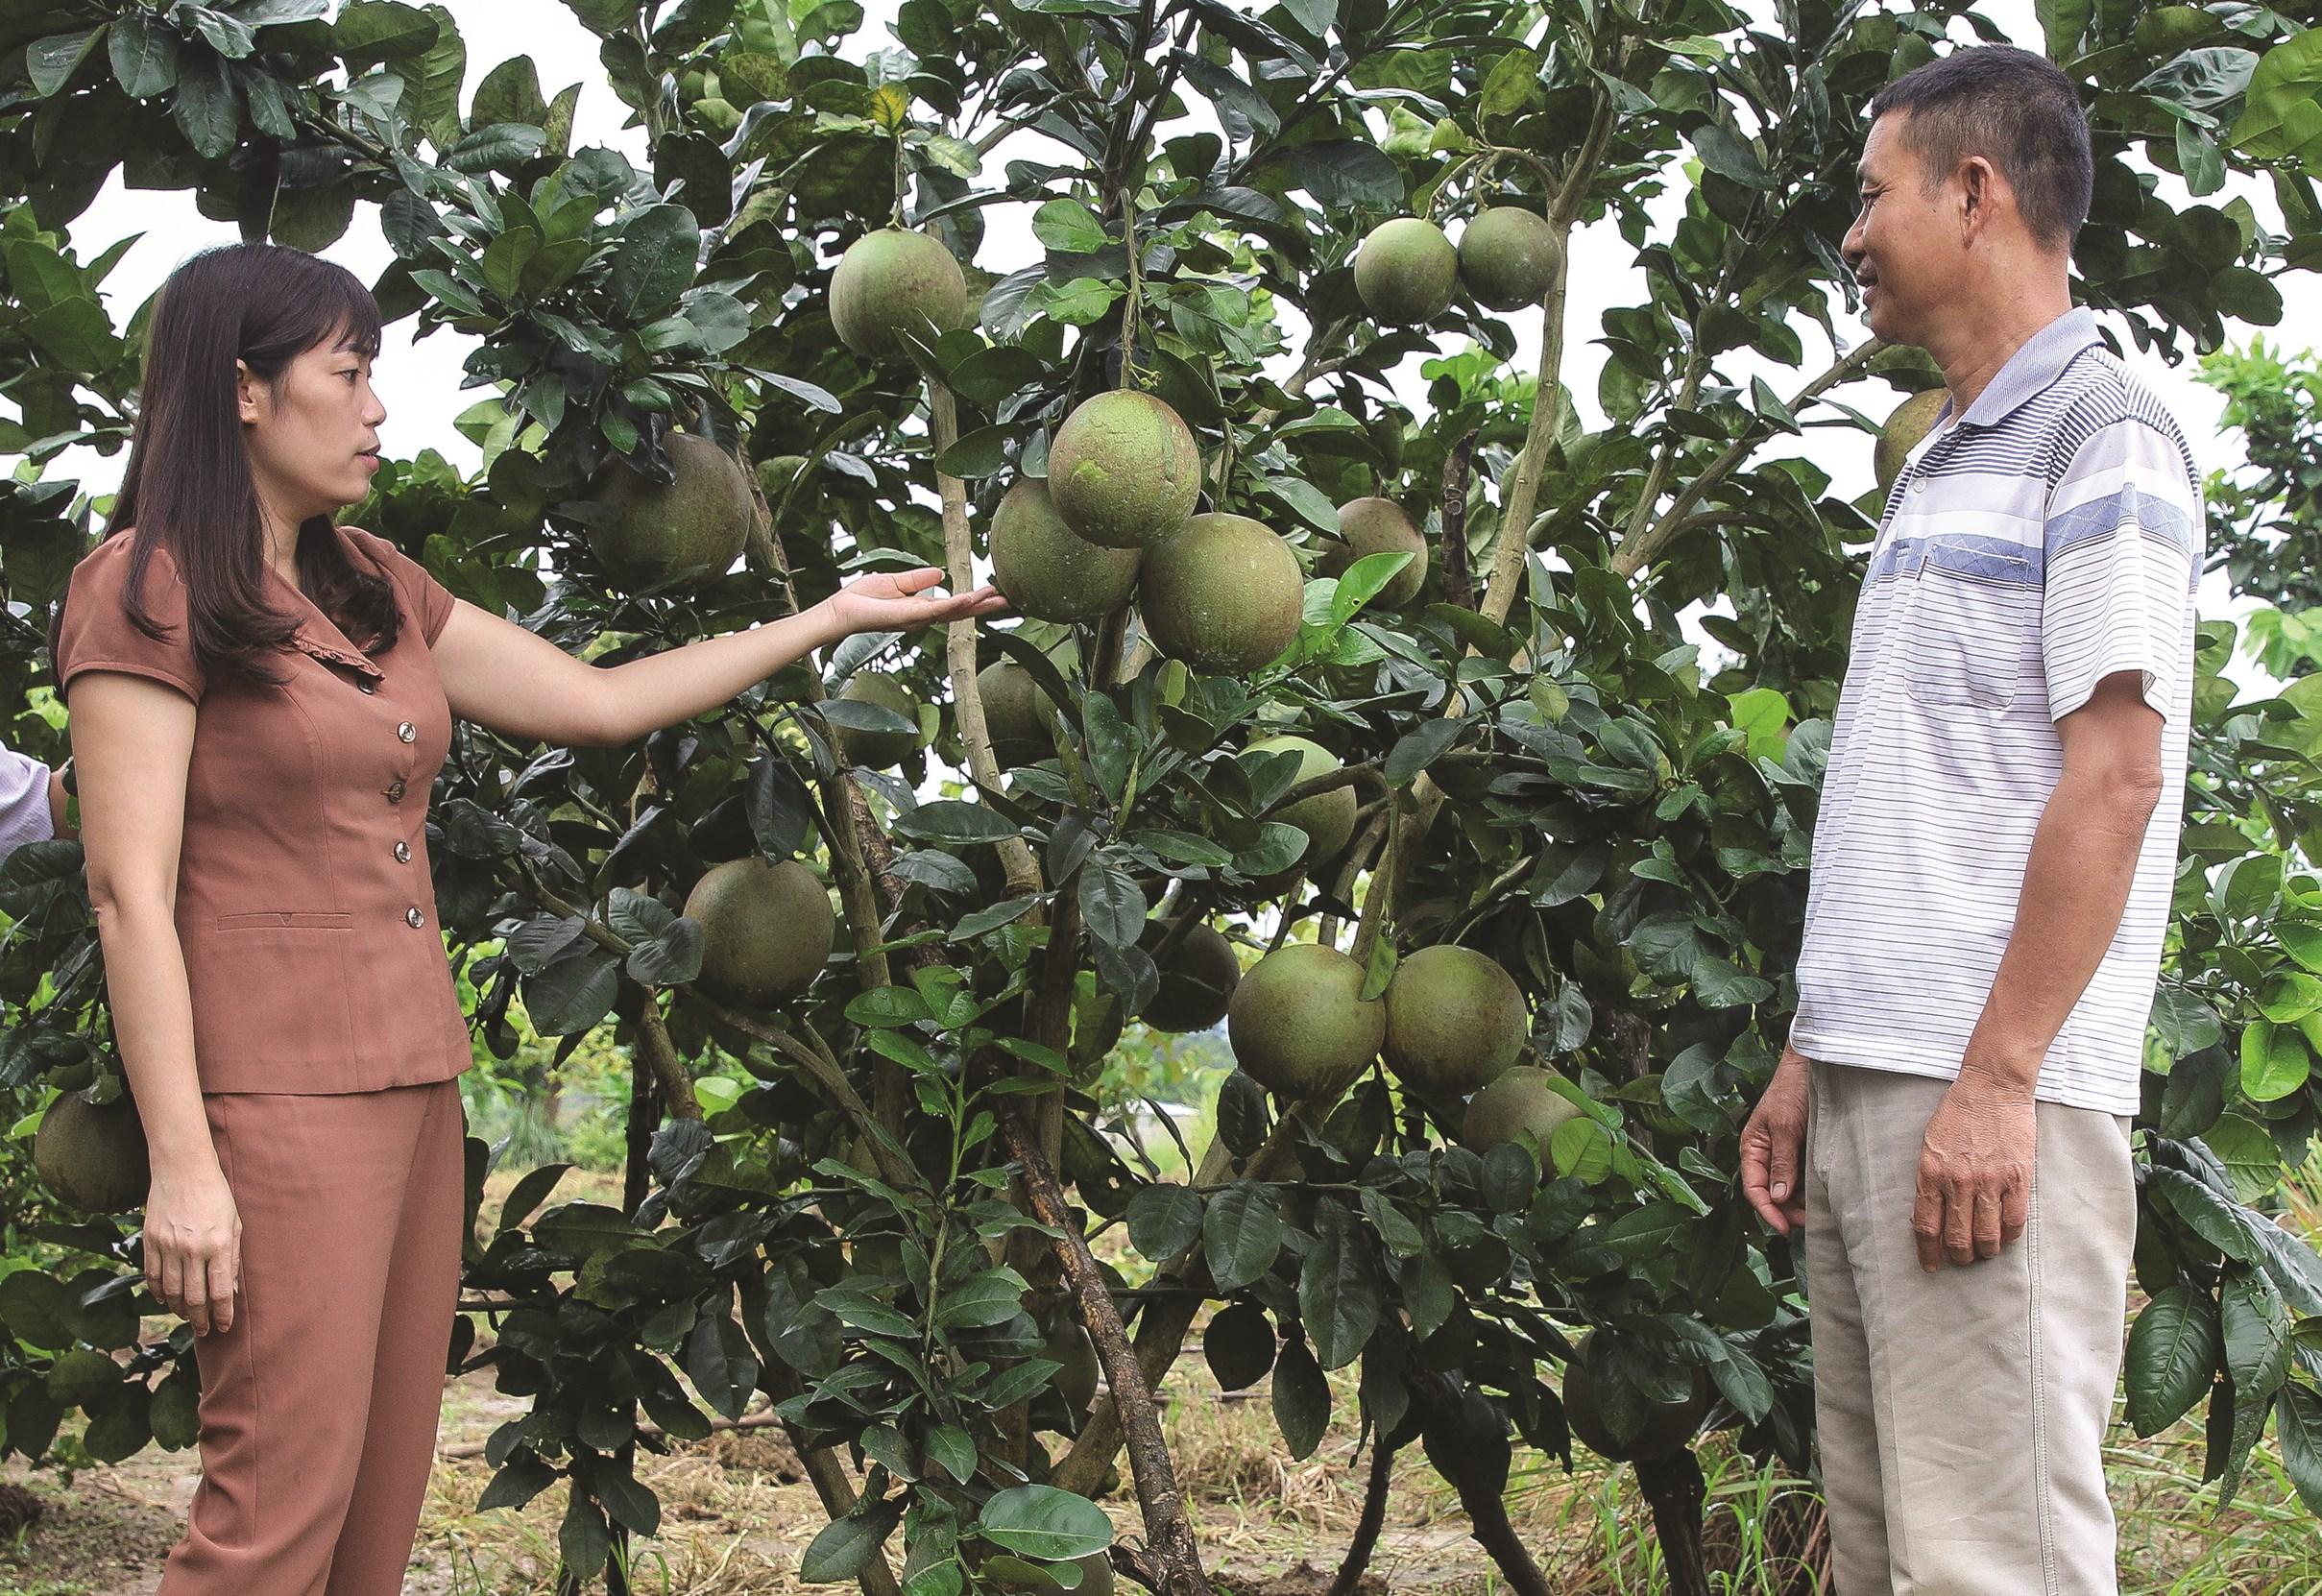 Nông dân huyện Điện Biên chuyển đổi thành công từ đất trồng lúa 1 vụ sang mô hình trồng bưởi da xanh cho hiệu quả kinh tế cao hơn